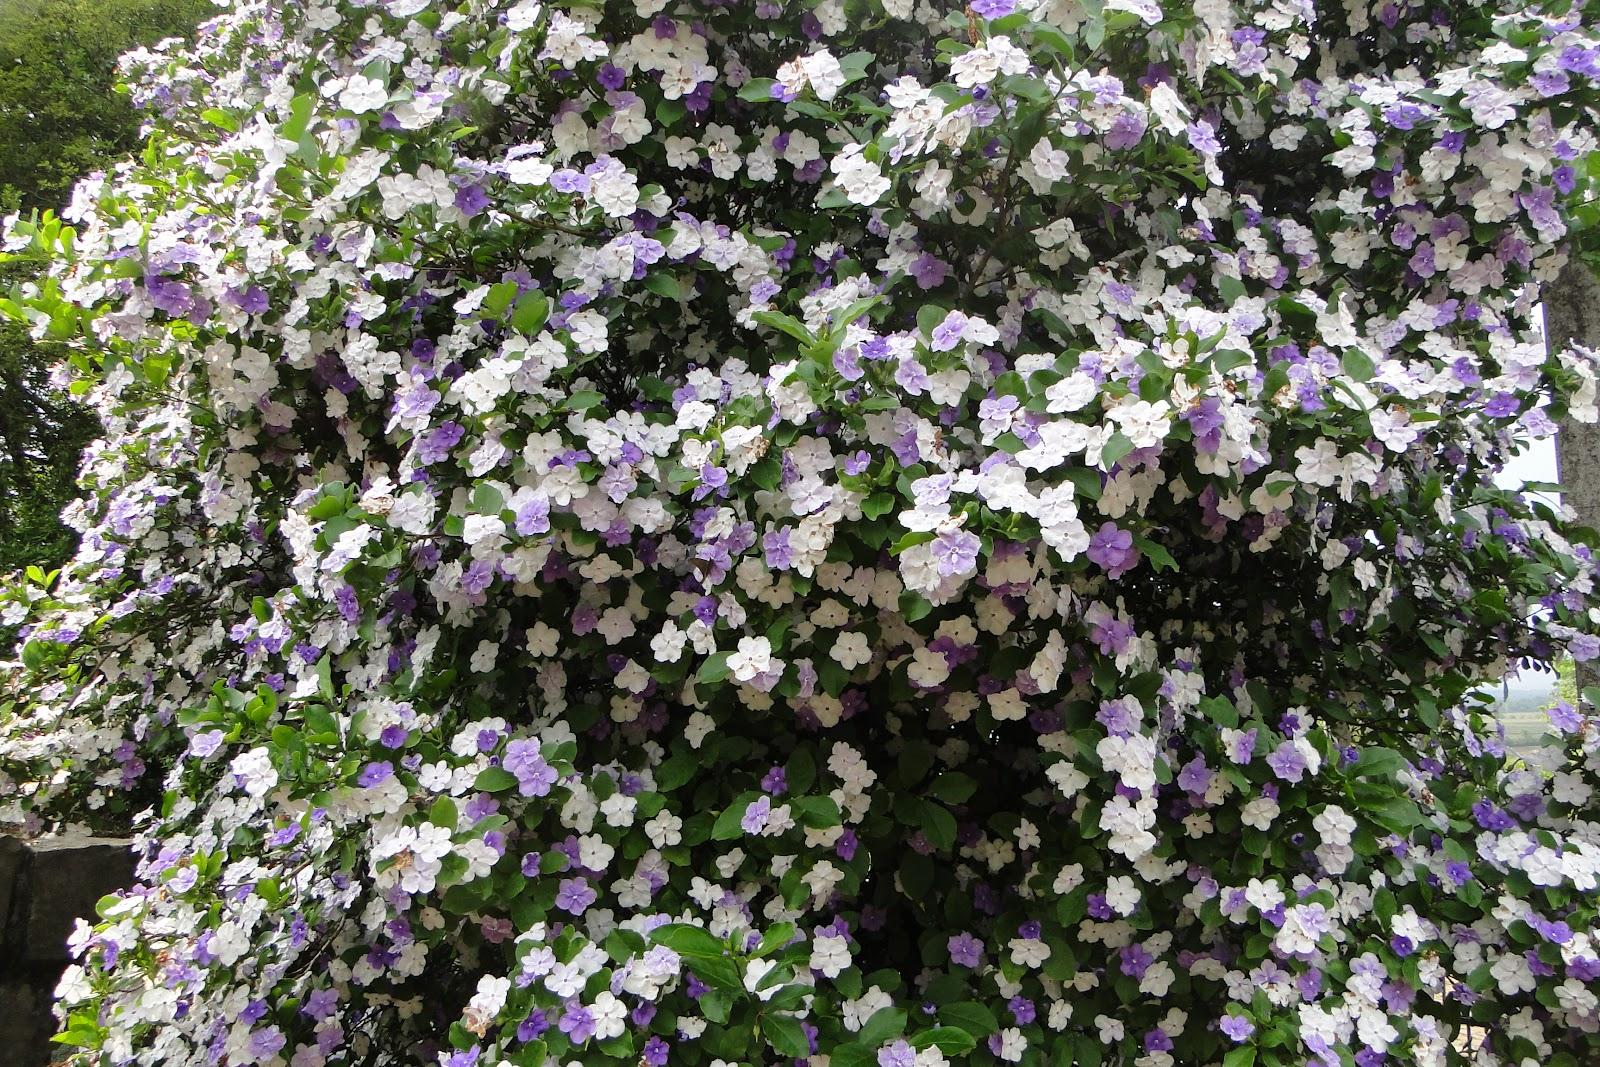 manaca de jardim em vaso : manaca de jardim em vaso:Planeta e Vida: O manacá de cheiro e minha primavera